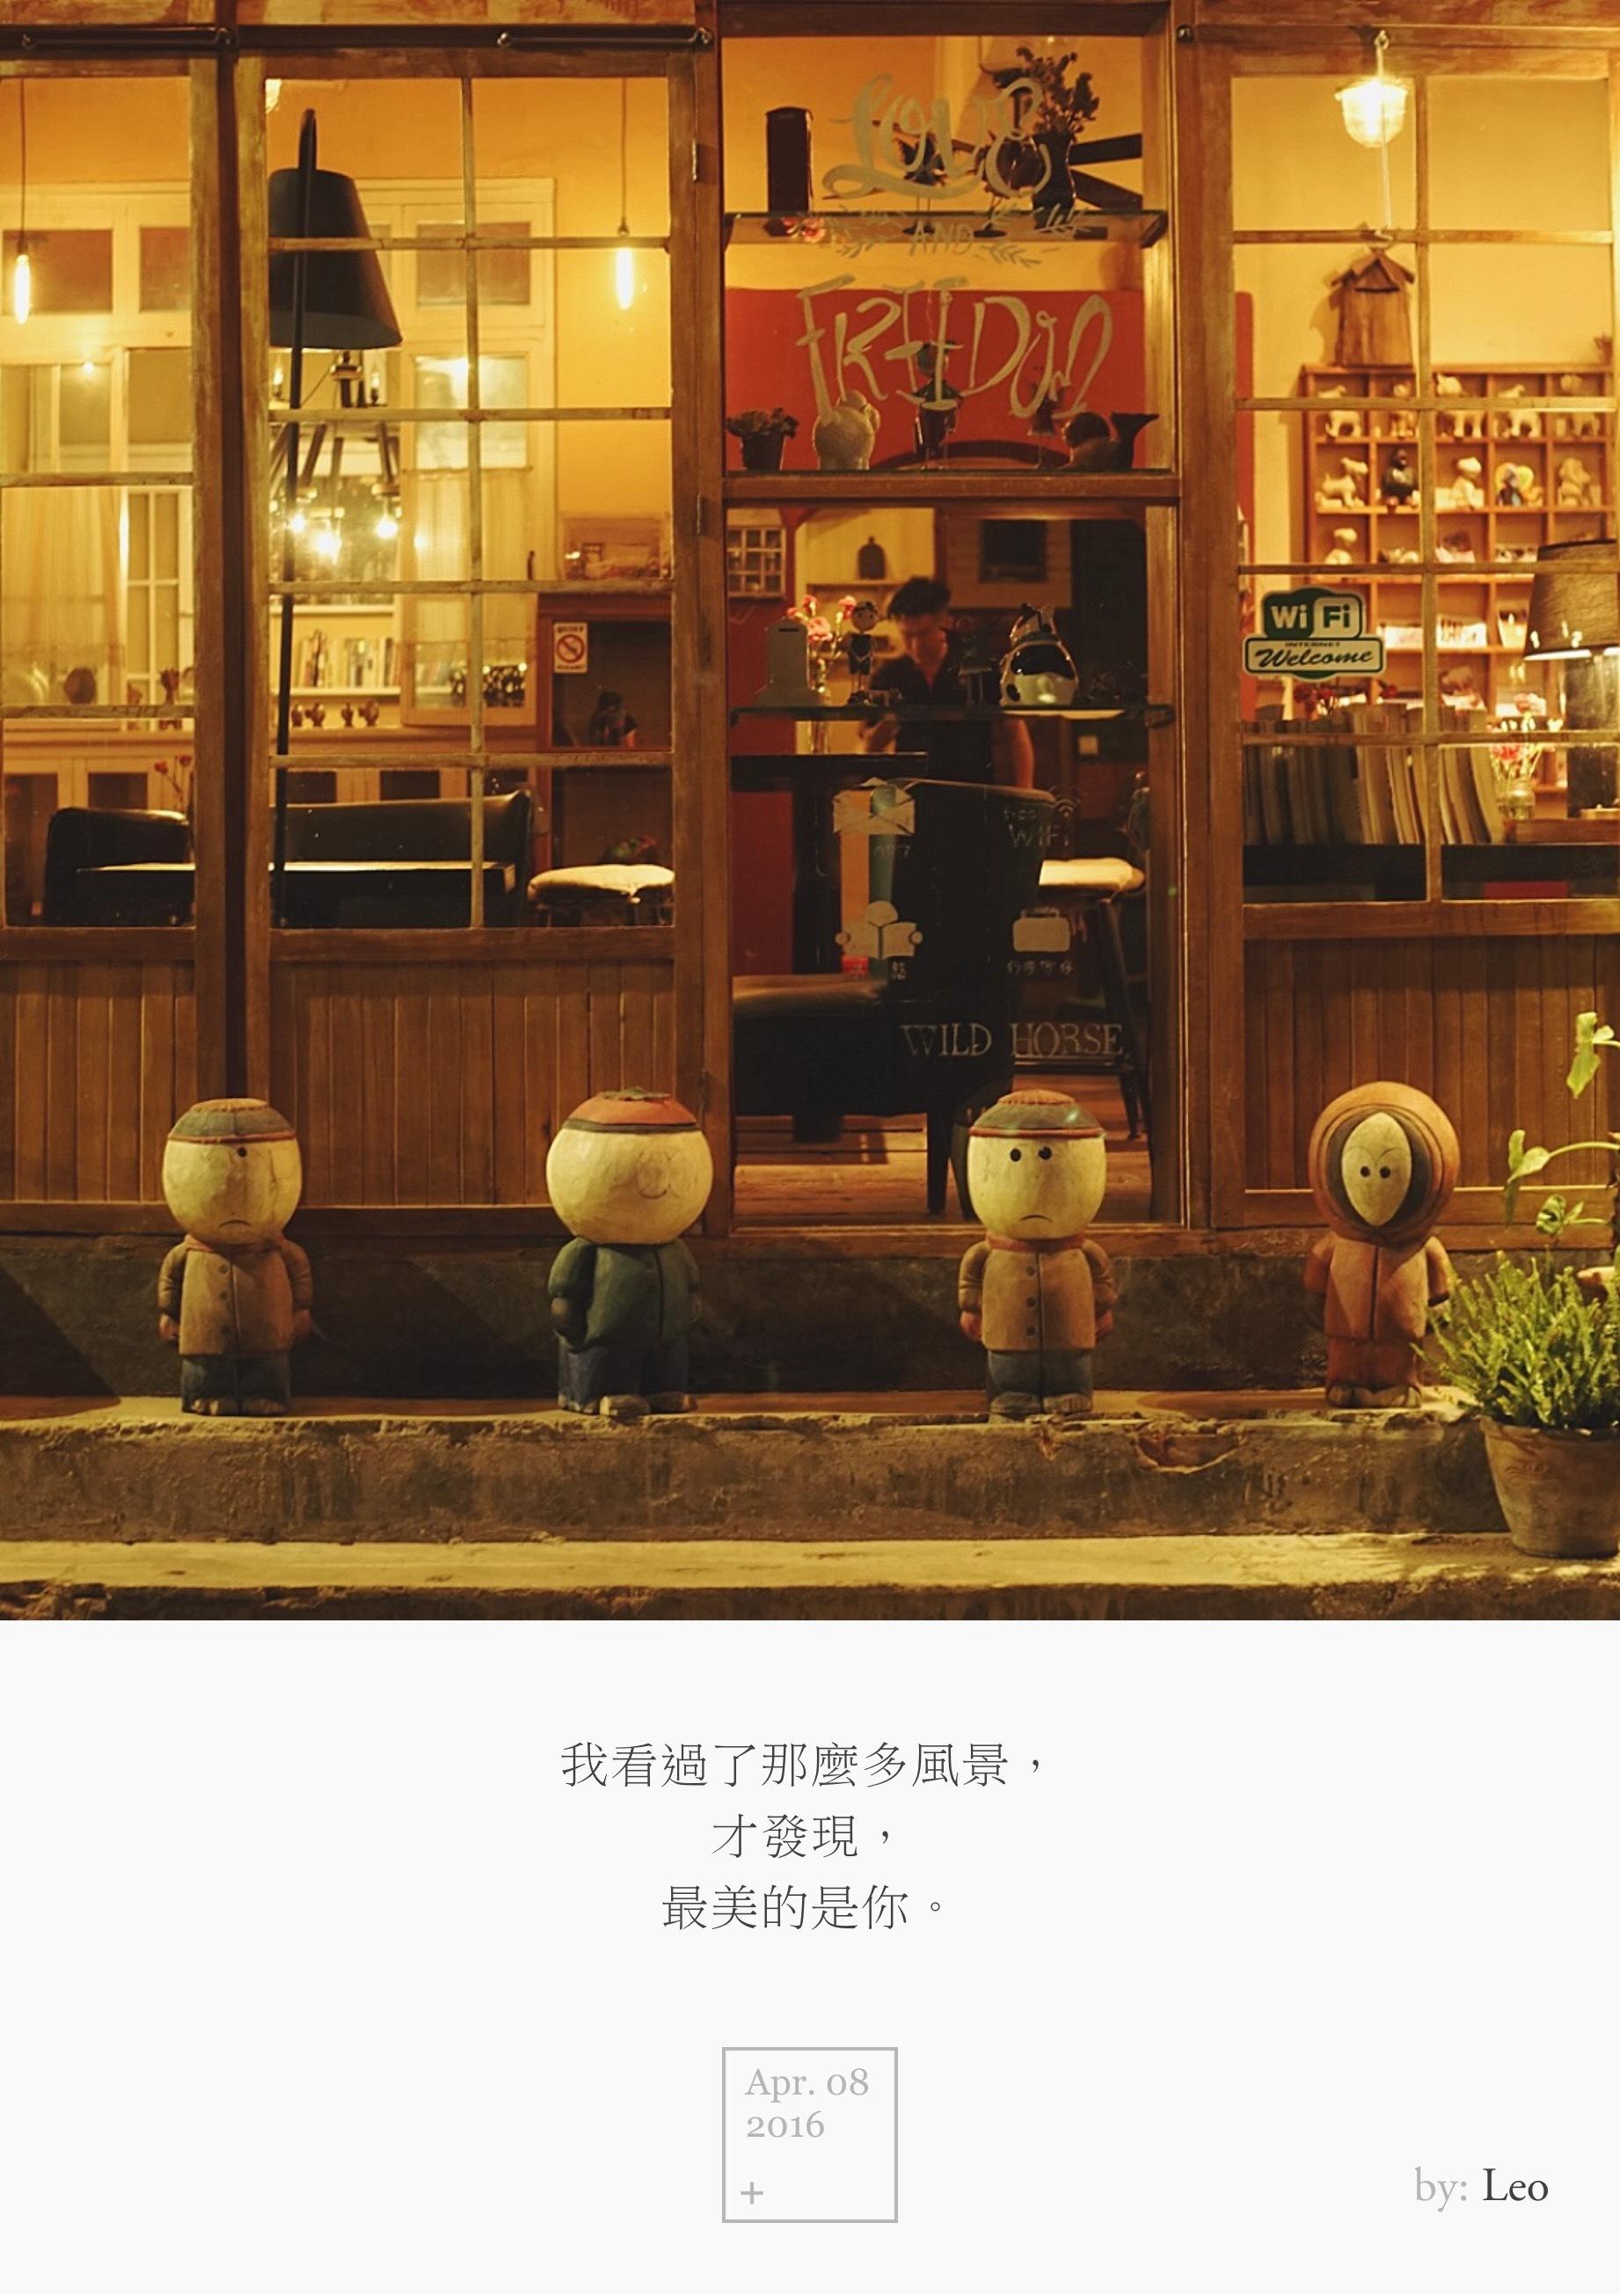 双廊咖啡馆